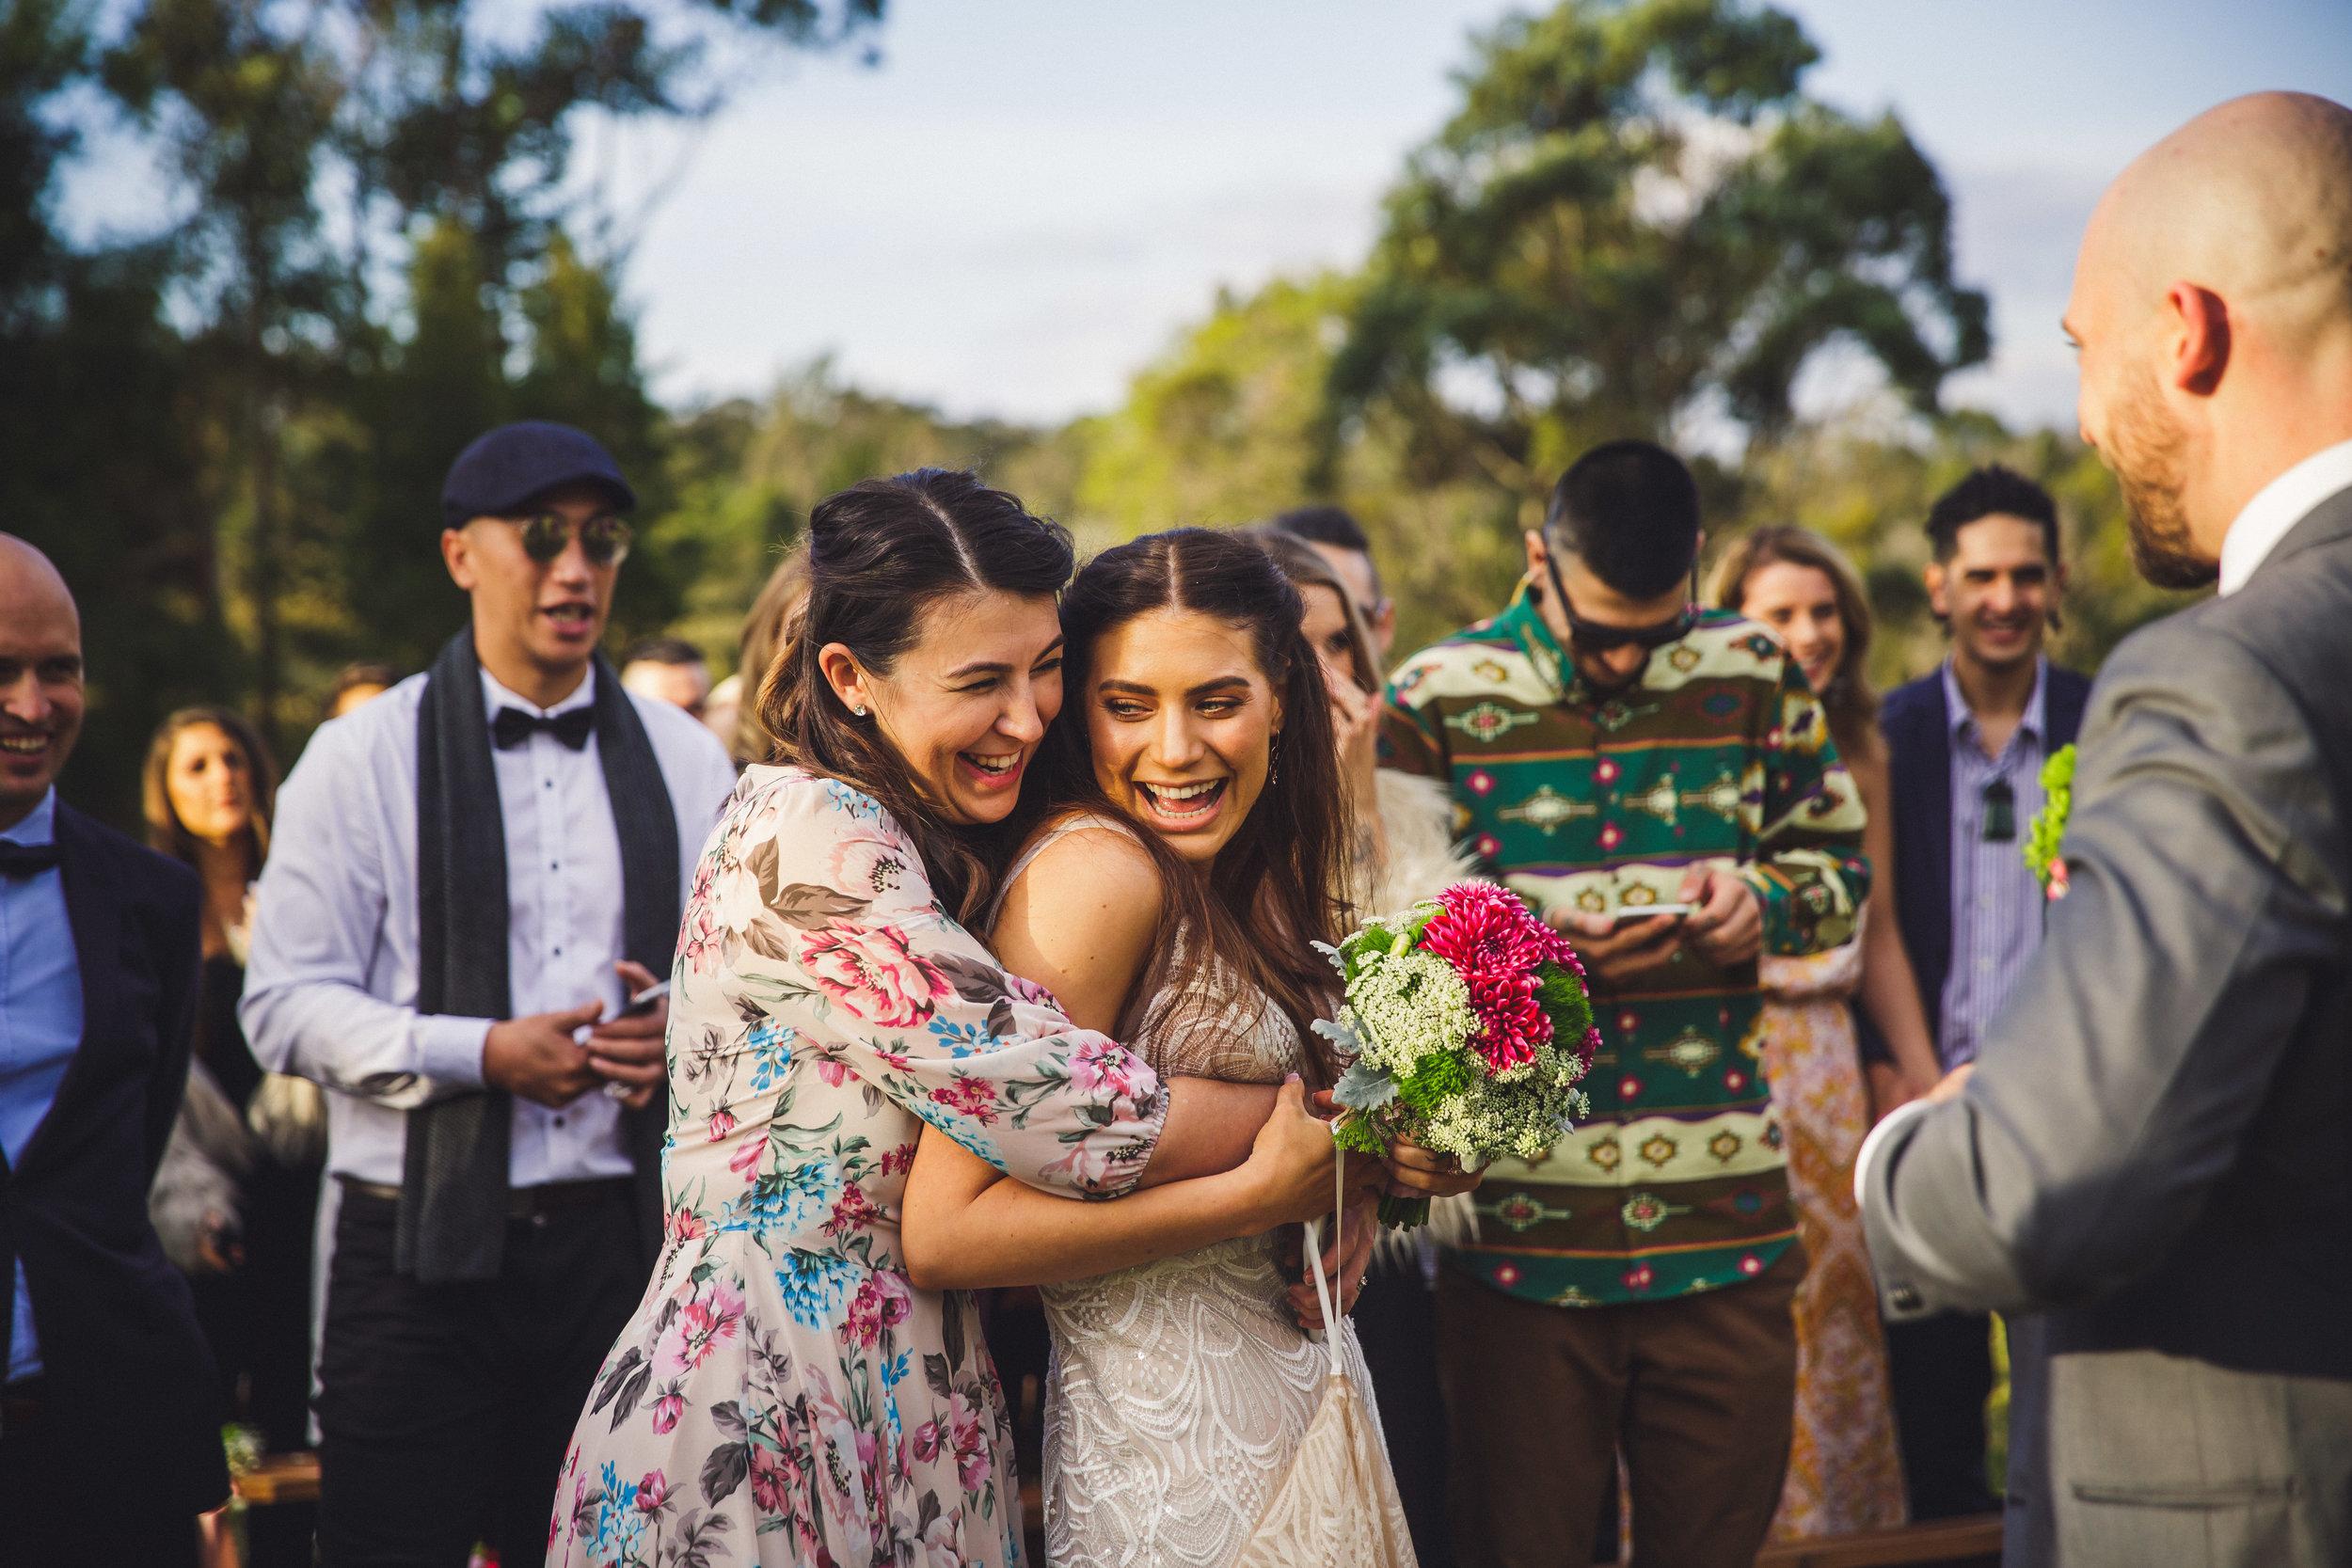 Guest congratulating bride at wedding at Ocean View Estates